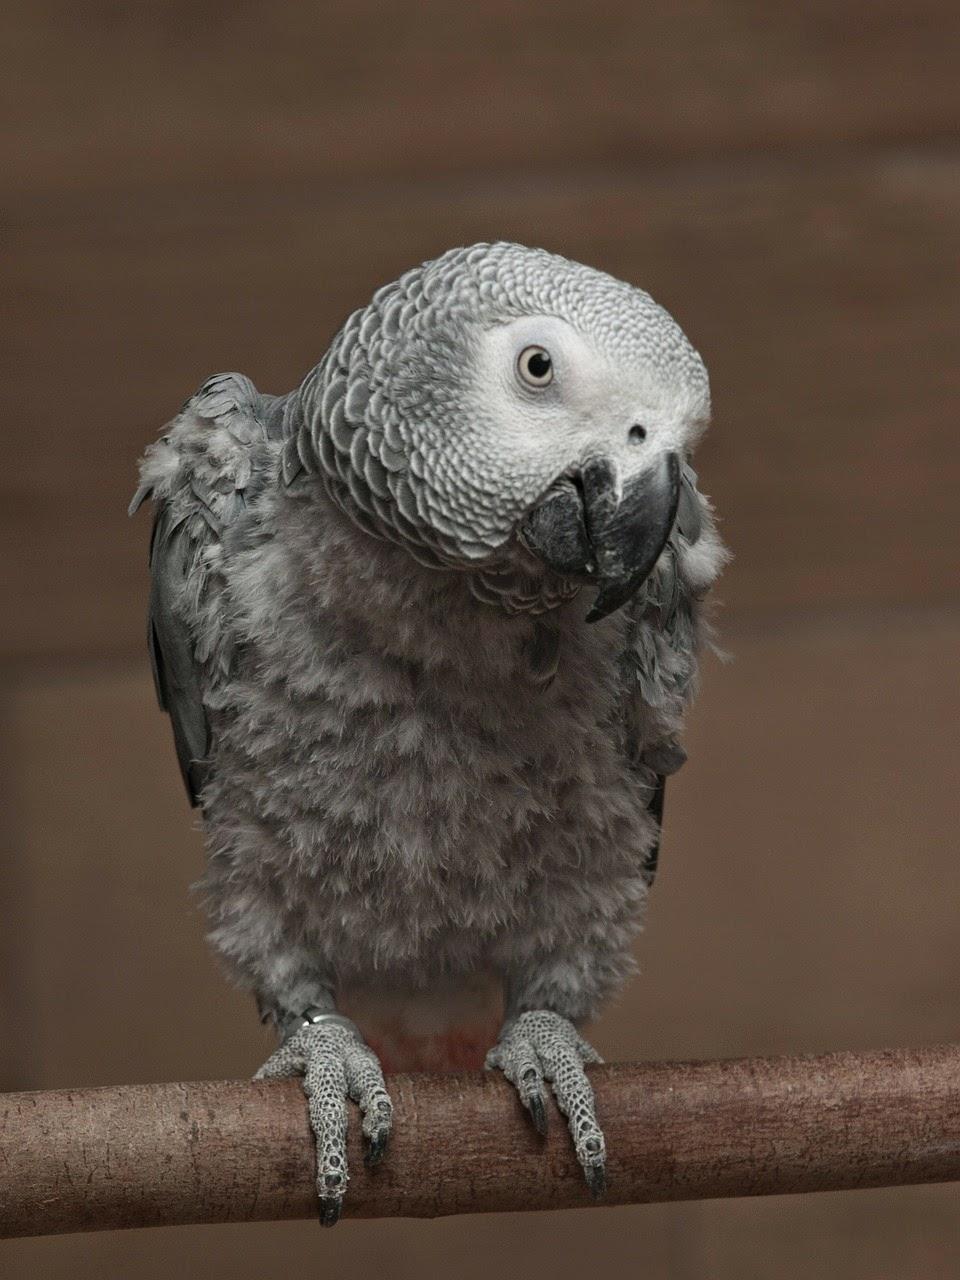 papagáj, állatvilág, beszélő papagáj, Kalifornia, Egyesült Államok,